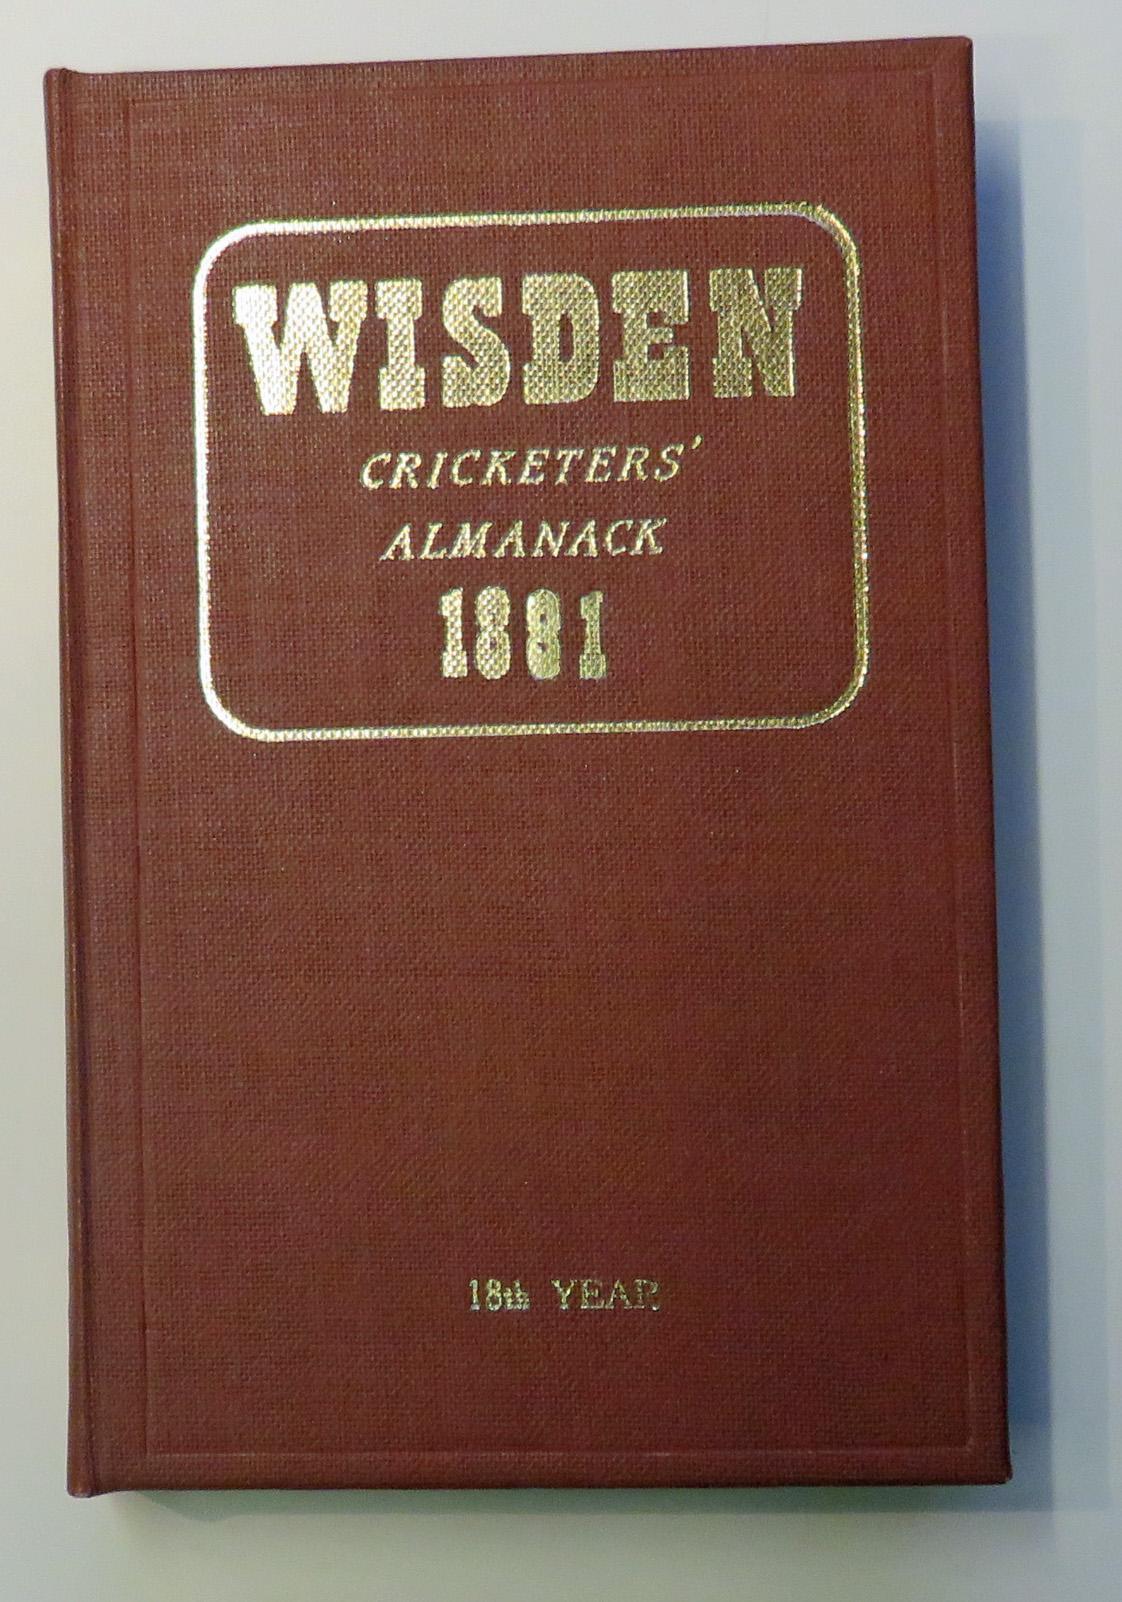 John Wisden's Cricketers' Almanack For 1881